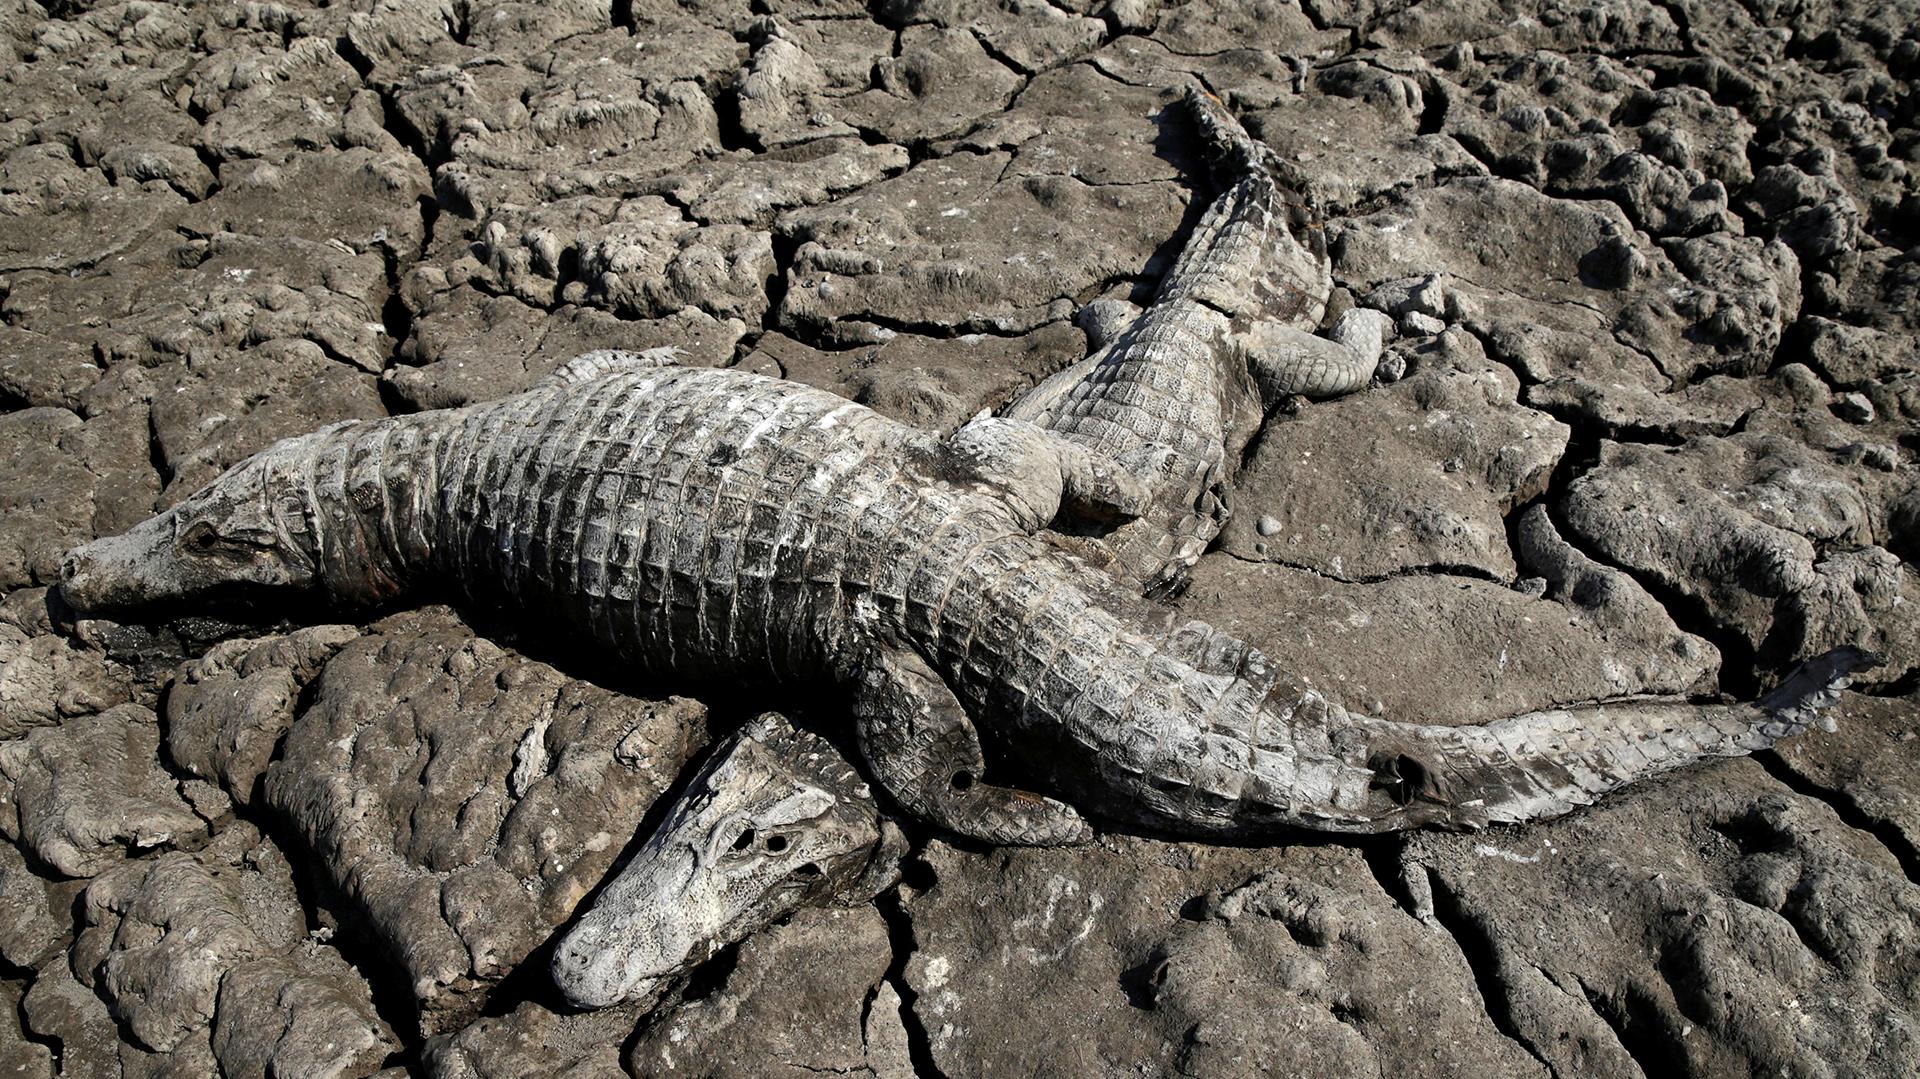 Miles de yacarés mueren sedientos por la peor sequía en 20 años